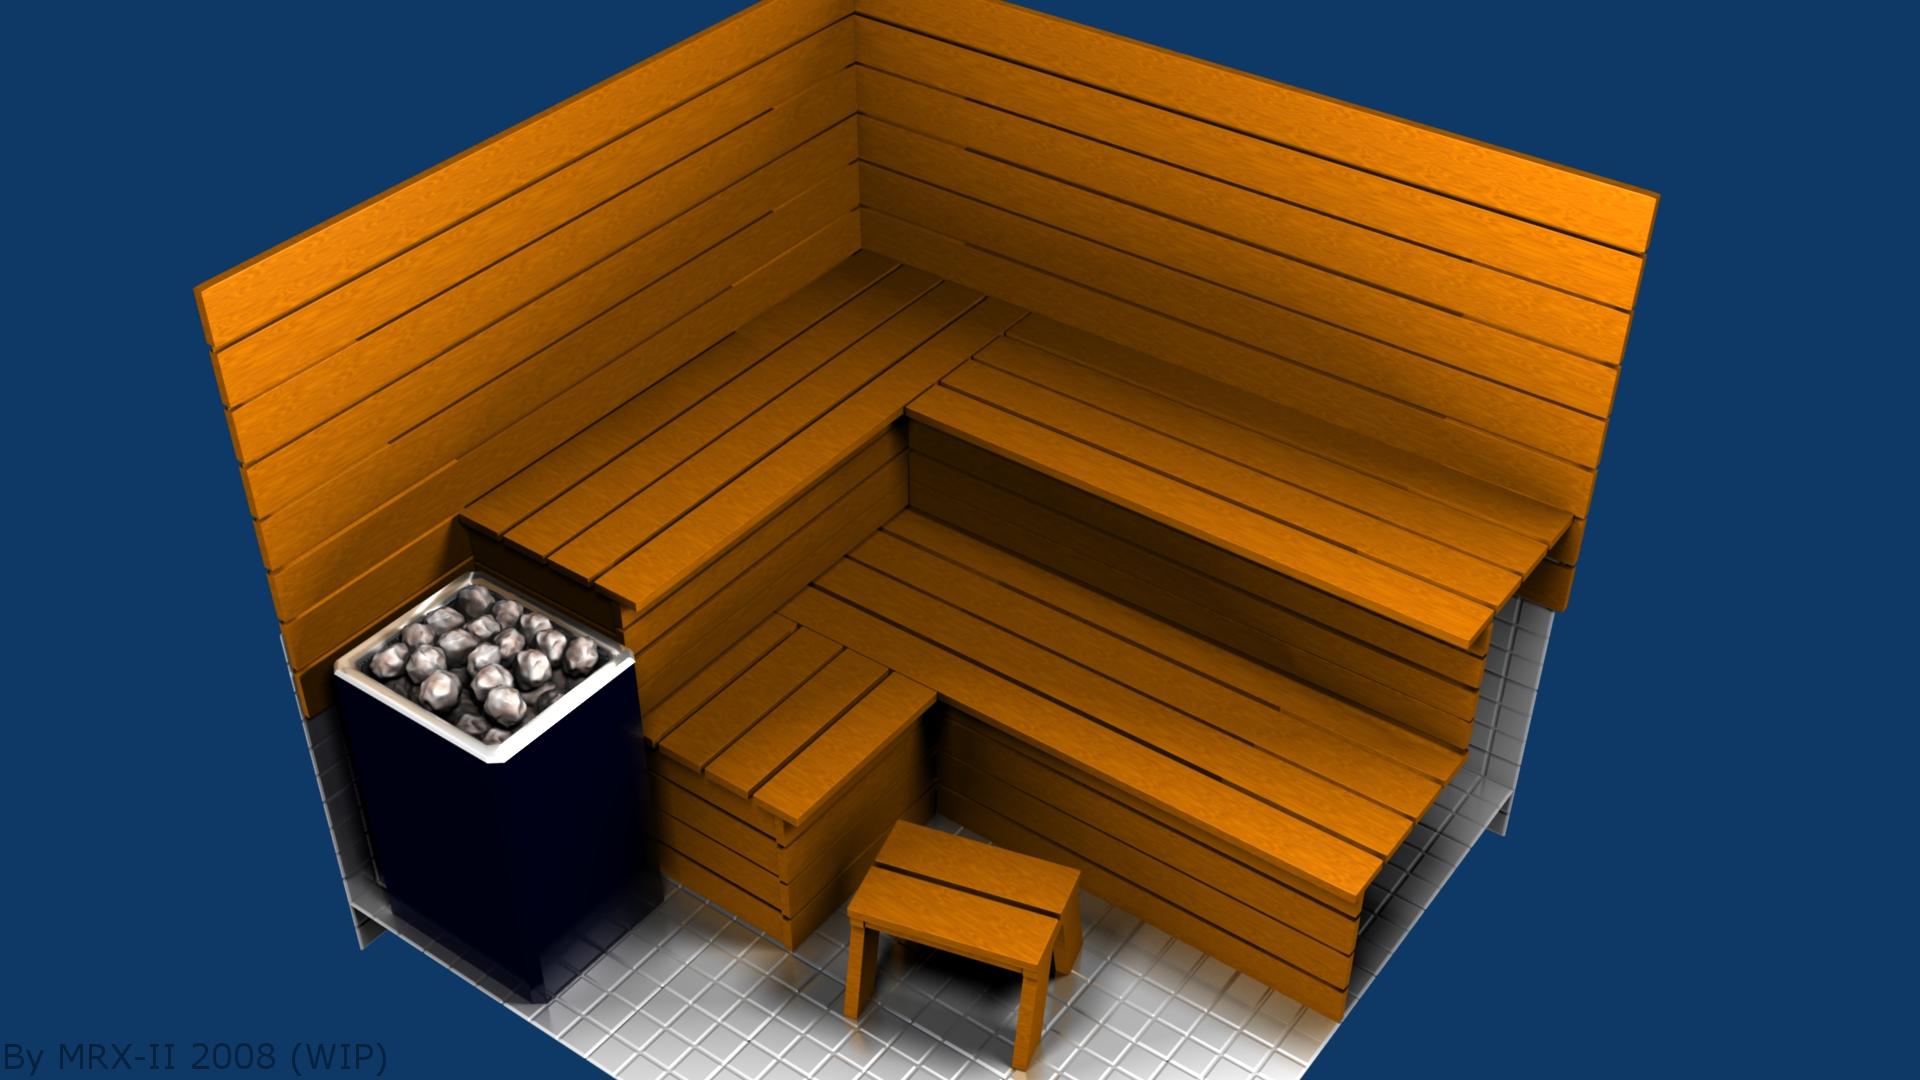 Sauna 3d wip by mrx ii on deviantart for Sauna 3d montpellier